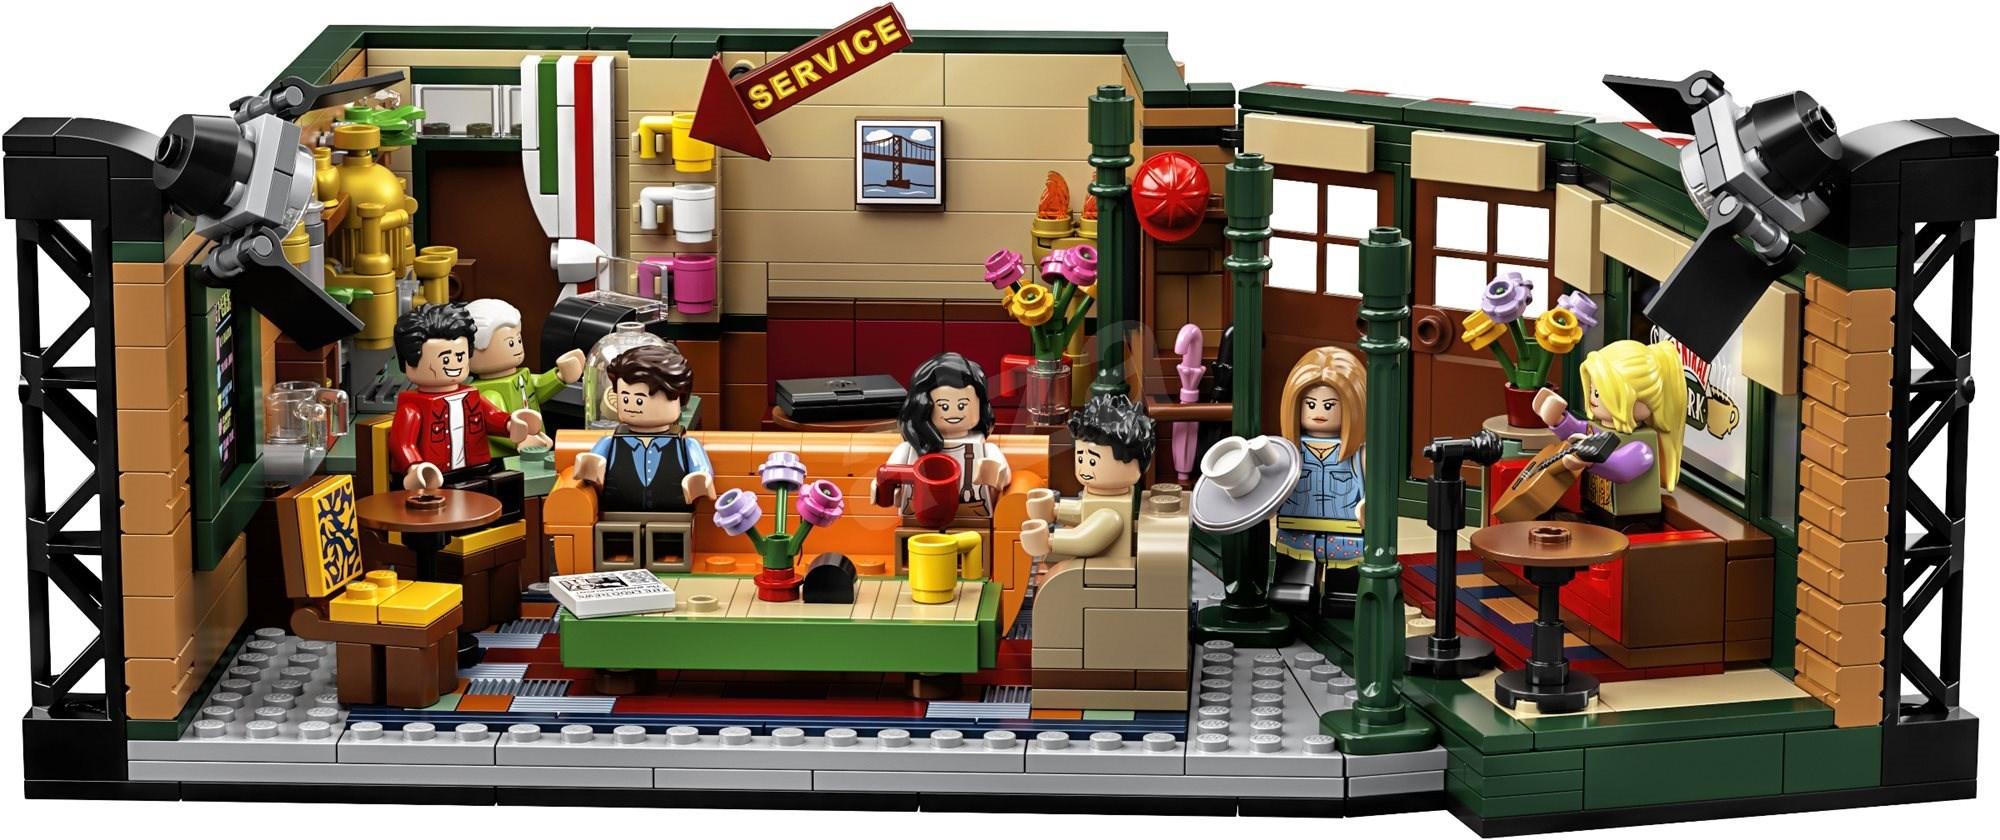 Lego Ideas 21319 Central Perk - LEGO építőjáték